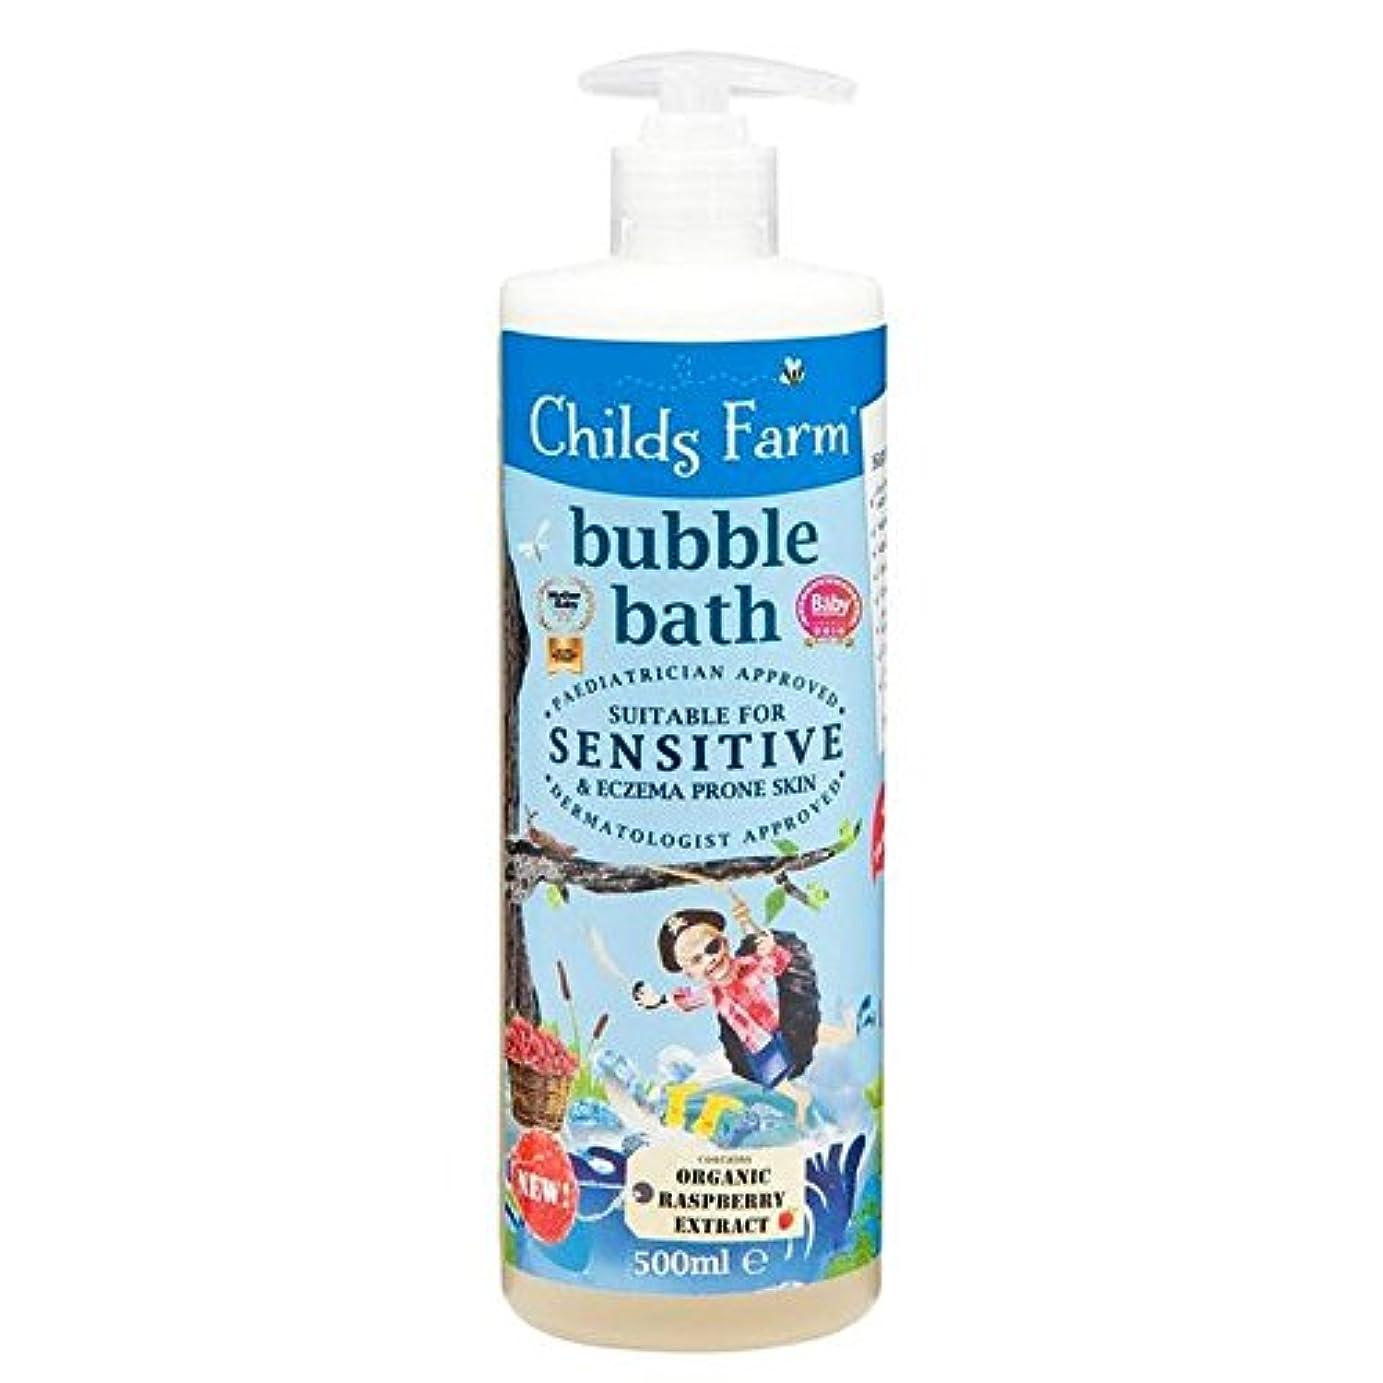 丈夫寸前ふざけた500ミリリットルのための農場の泡風呂をチャイルズ x2 - Childs Farm Bubble Bath for Bucaneers 500ml (Pack of 2) [並行輸入品]